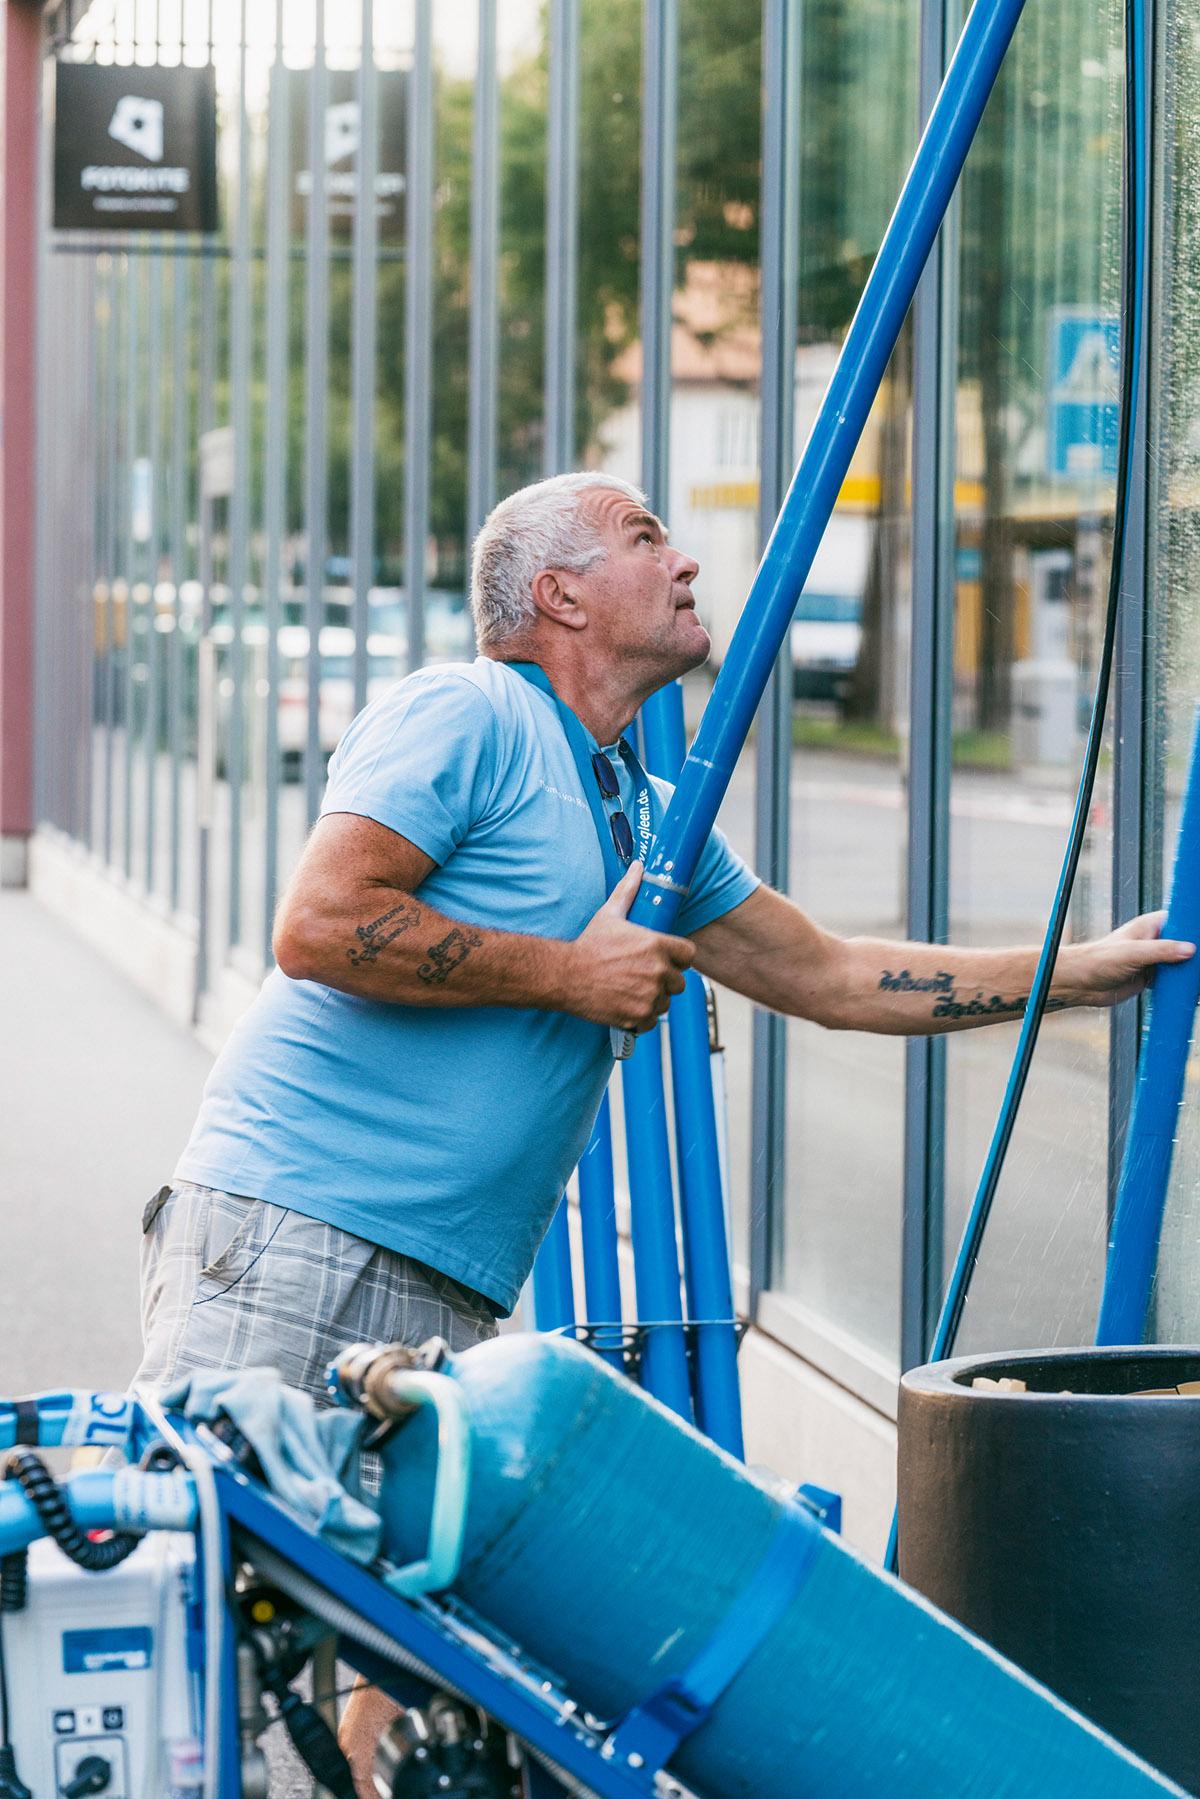 Reinigung von grossen Glasfronten und Schaufenstern in Zürich, Luzern, St. Gallen, Thurgau